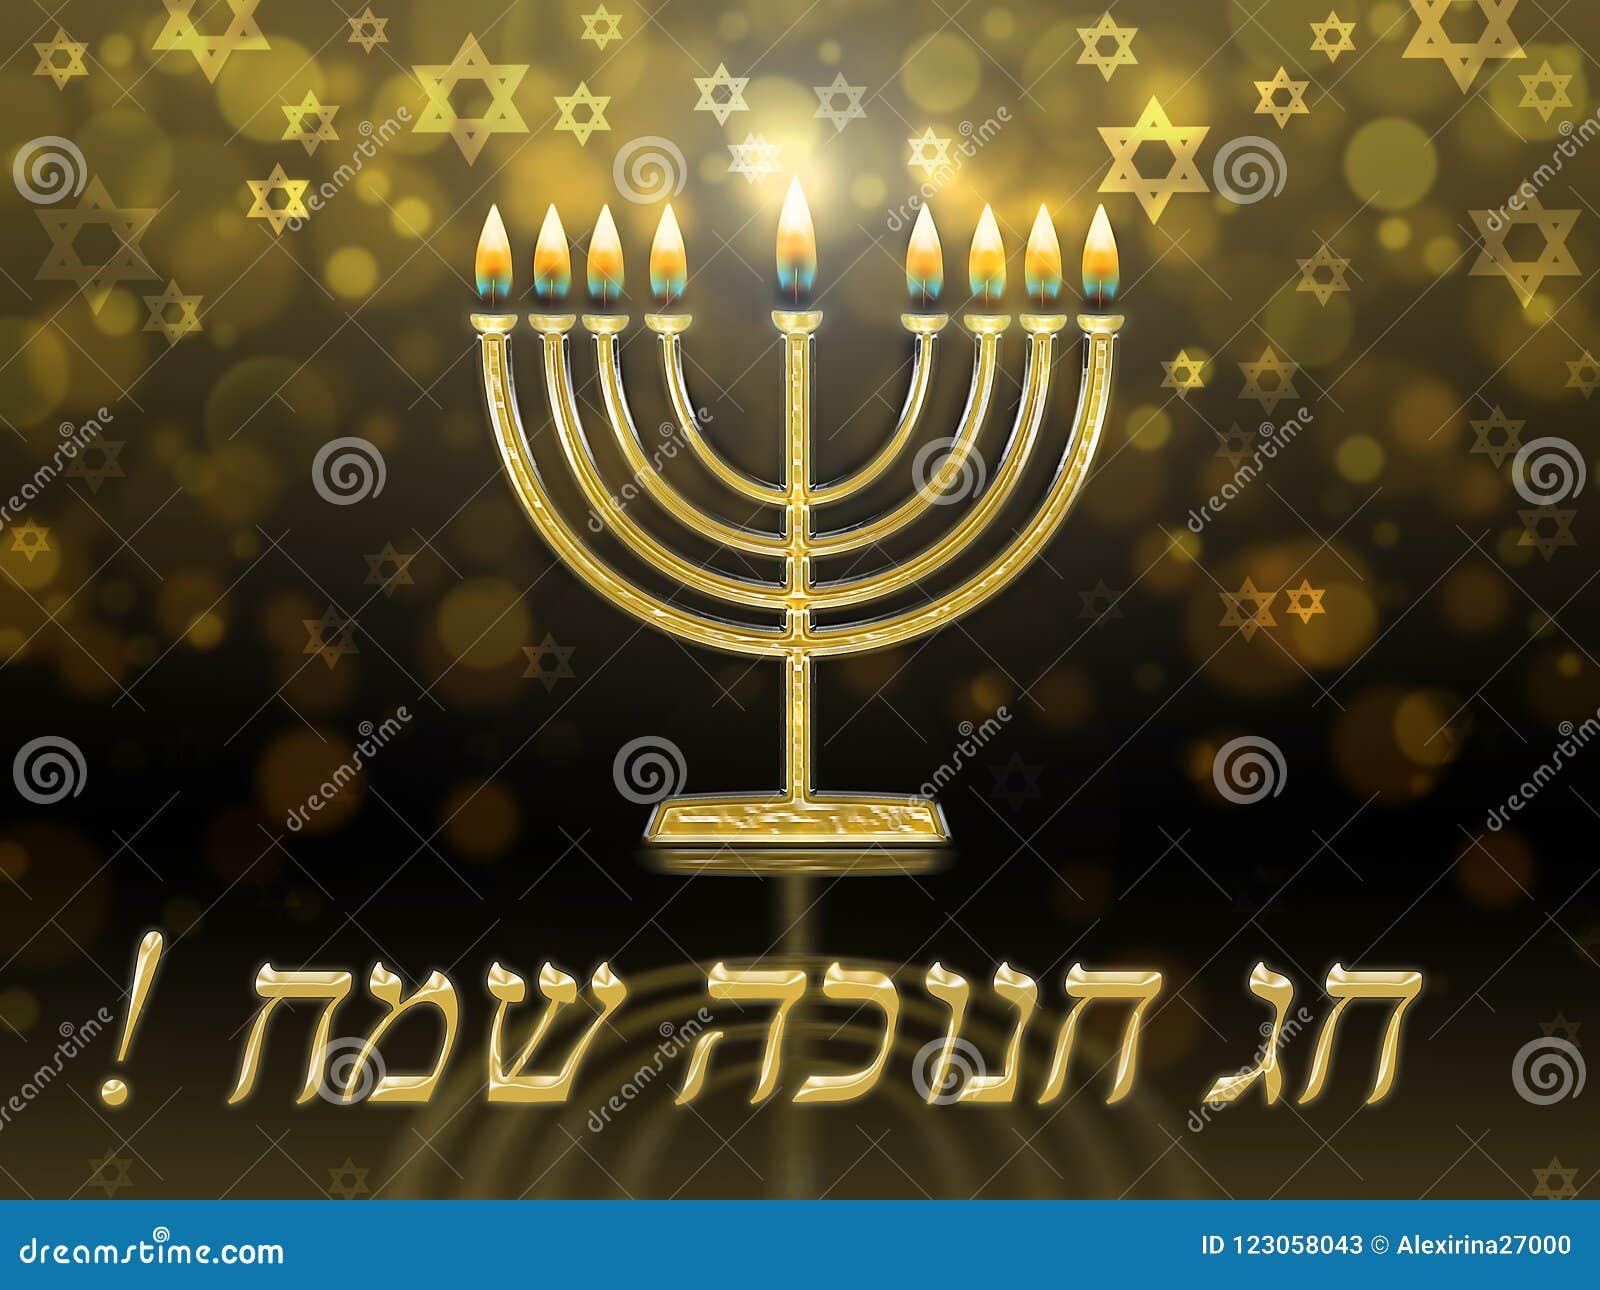 Tarjeta de felicitación con la inscripción en hebreo - Jánuca feliz